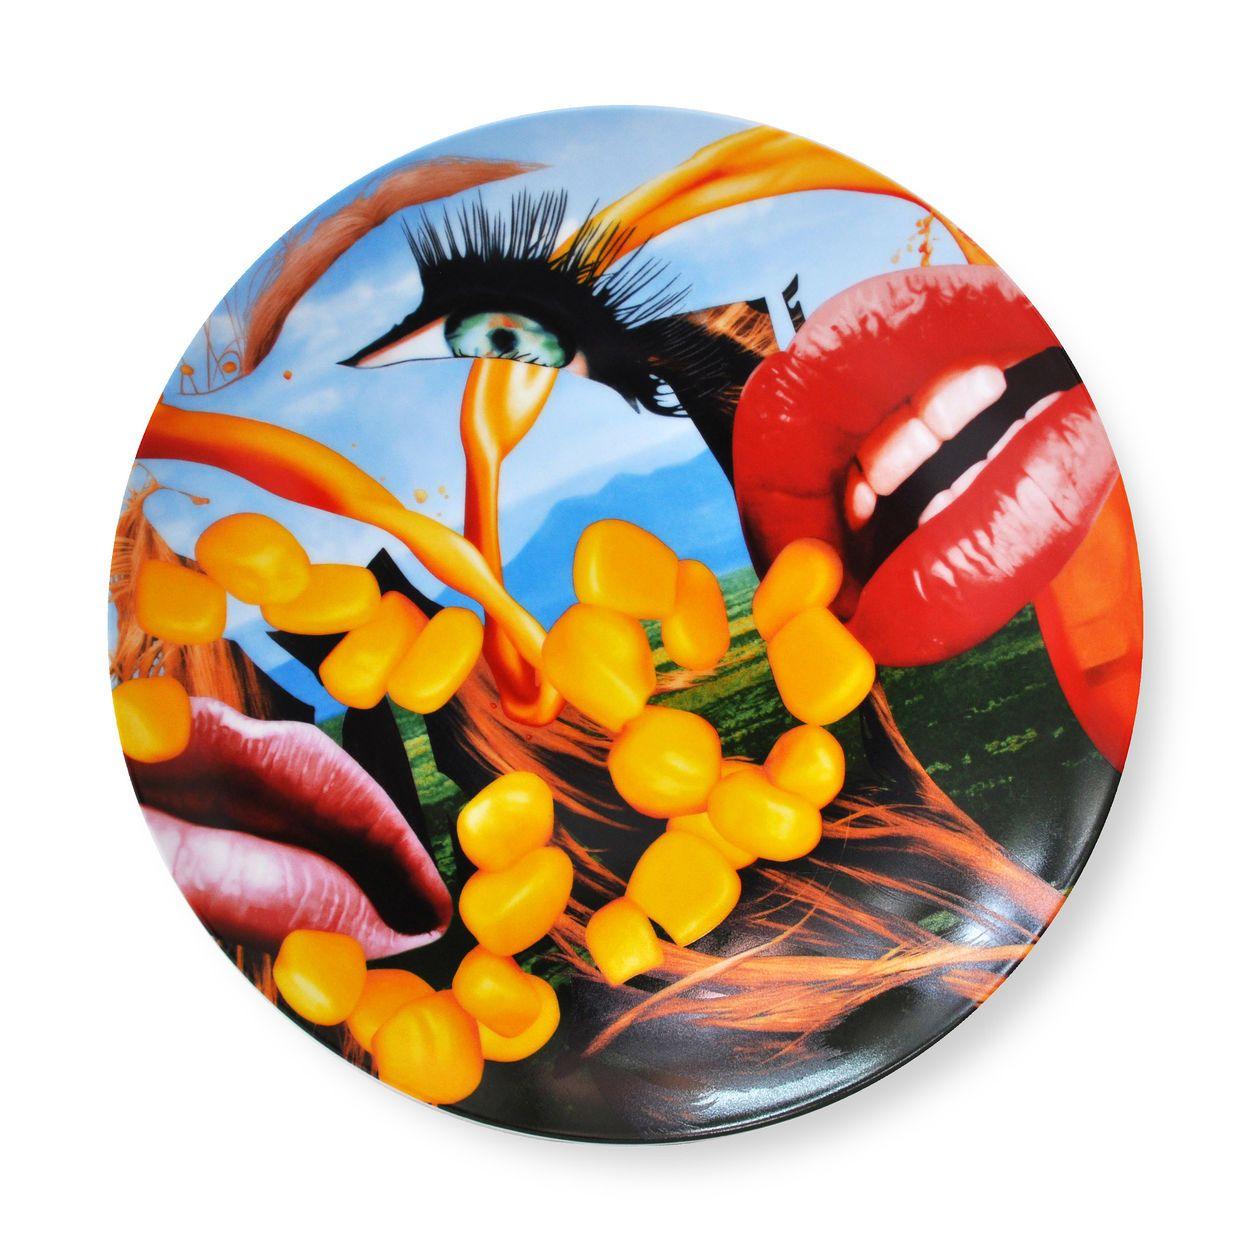 Jeff Koons Lips Plate in color Jeff koons art, Jeff